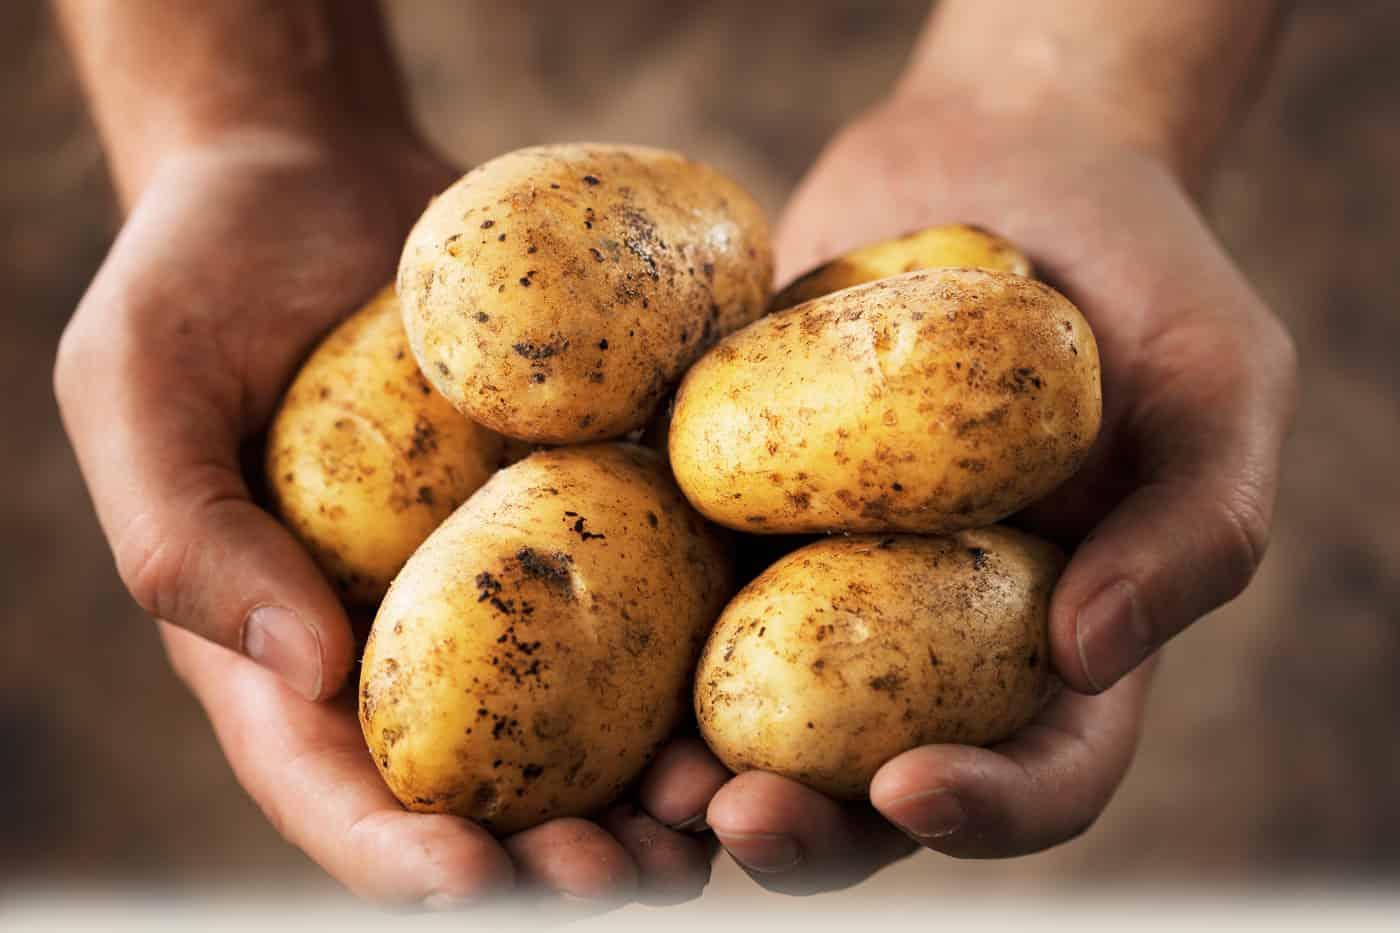 patatas y diabetes 2